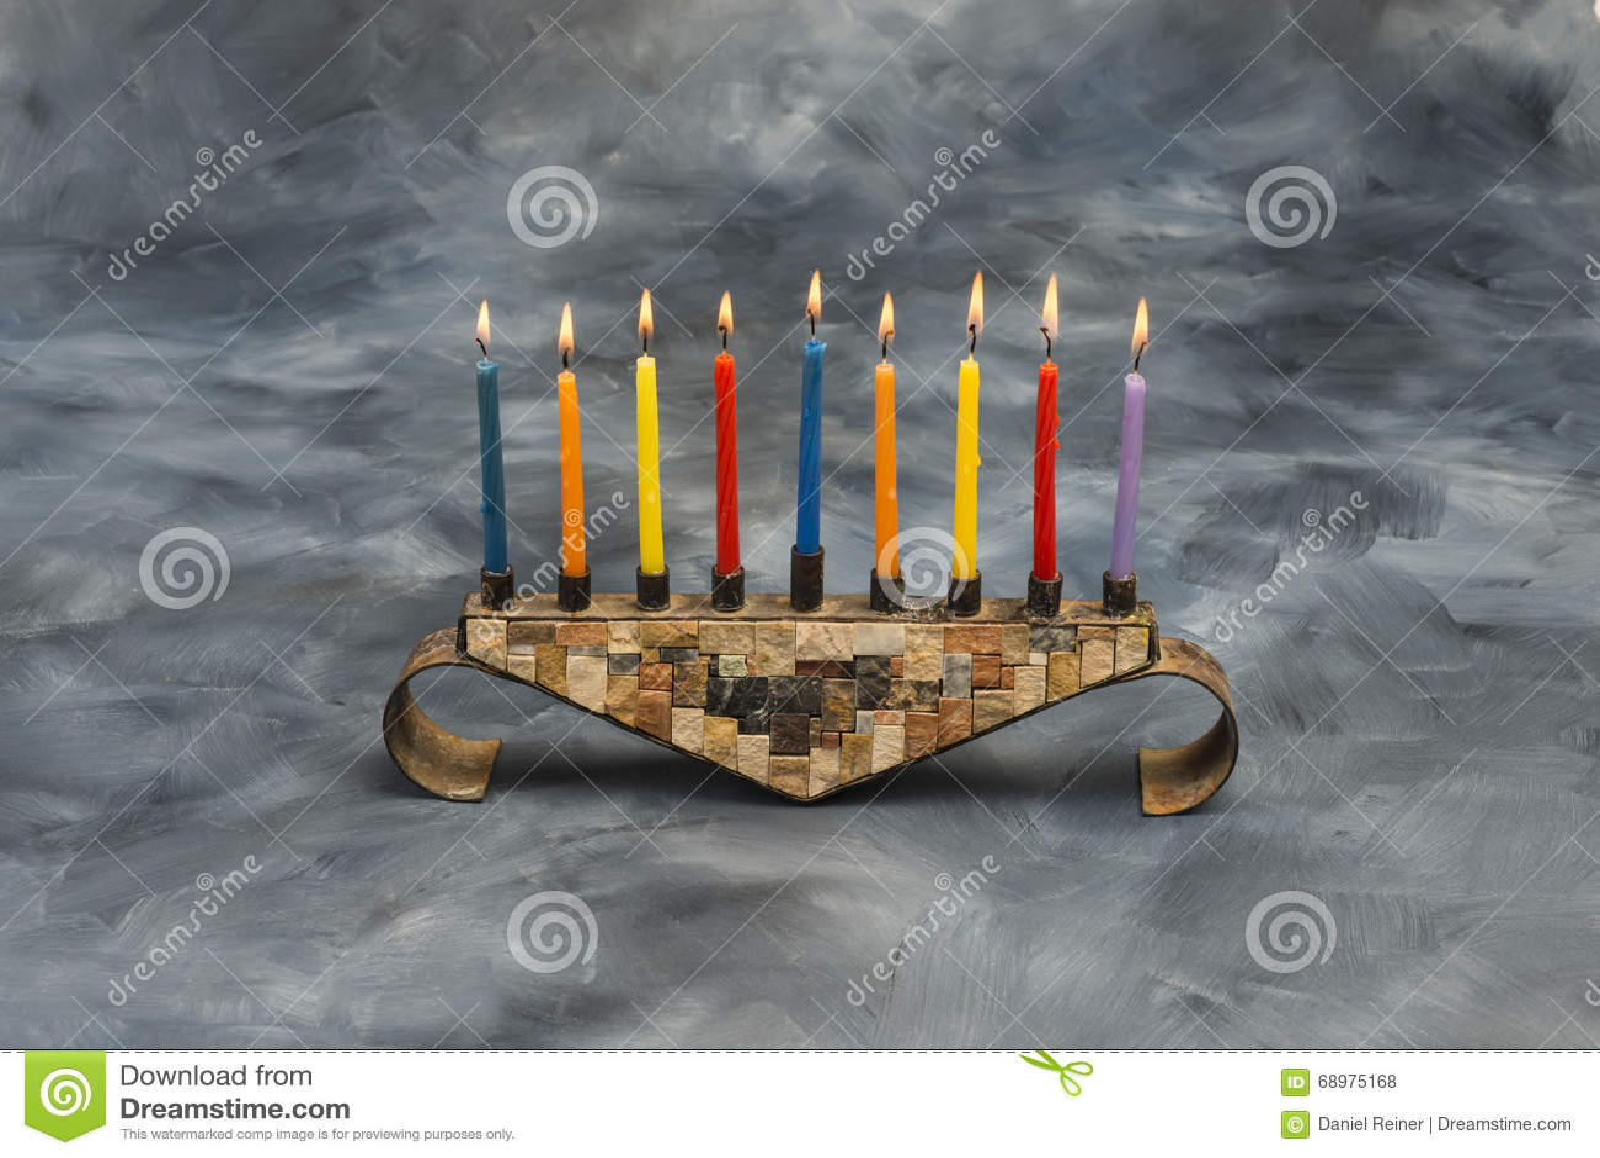 Menorah con las velas ardientes para Jánuca